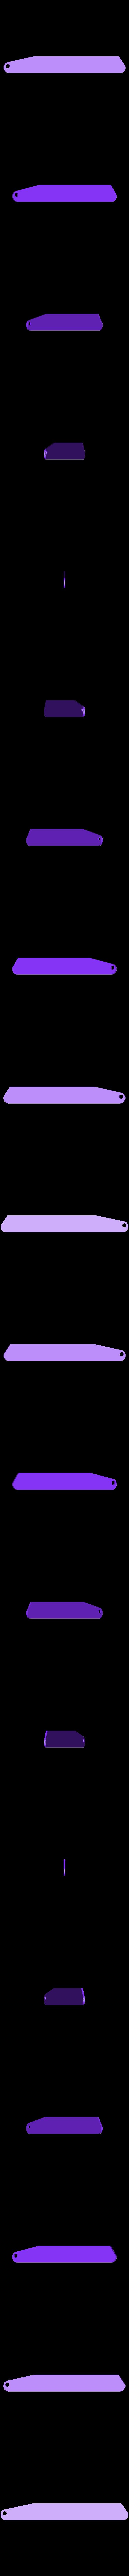 fin.stl Télécharger fichier STL Fusée M72 • Design pour imprimante 3D, Punisher_4u